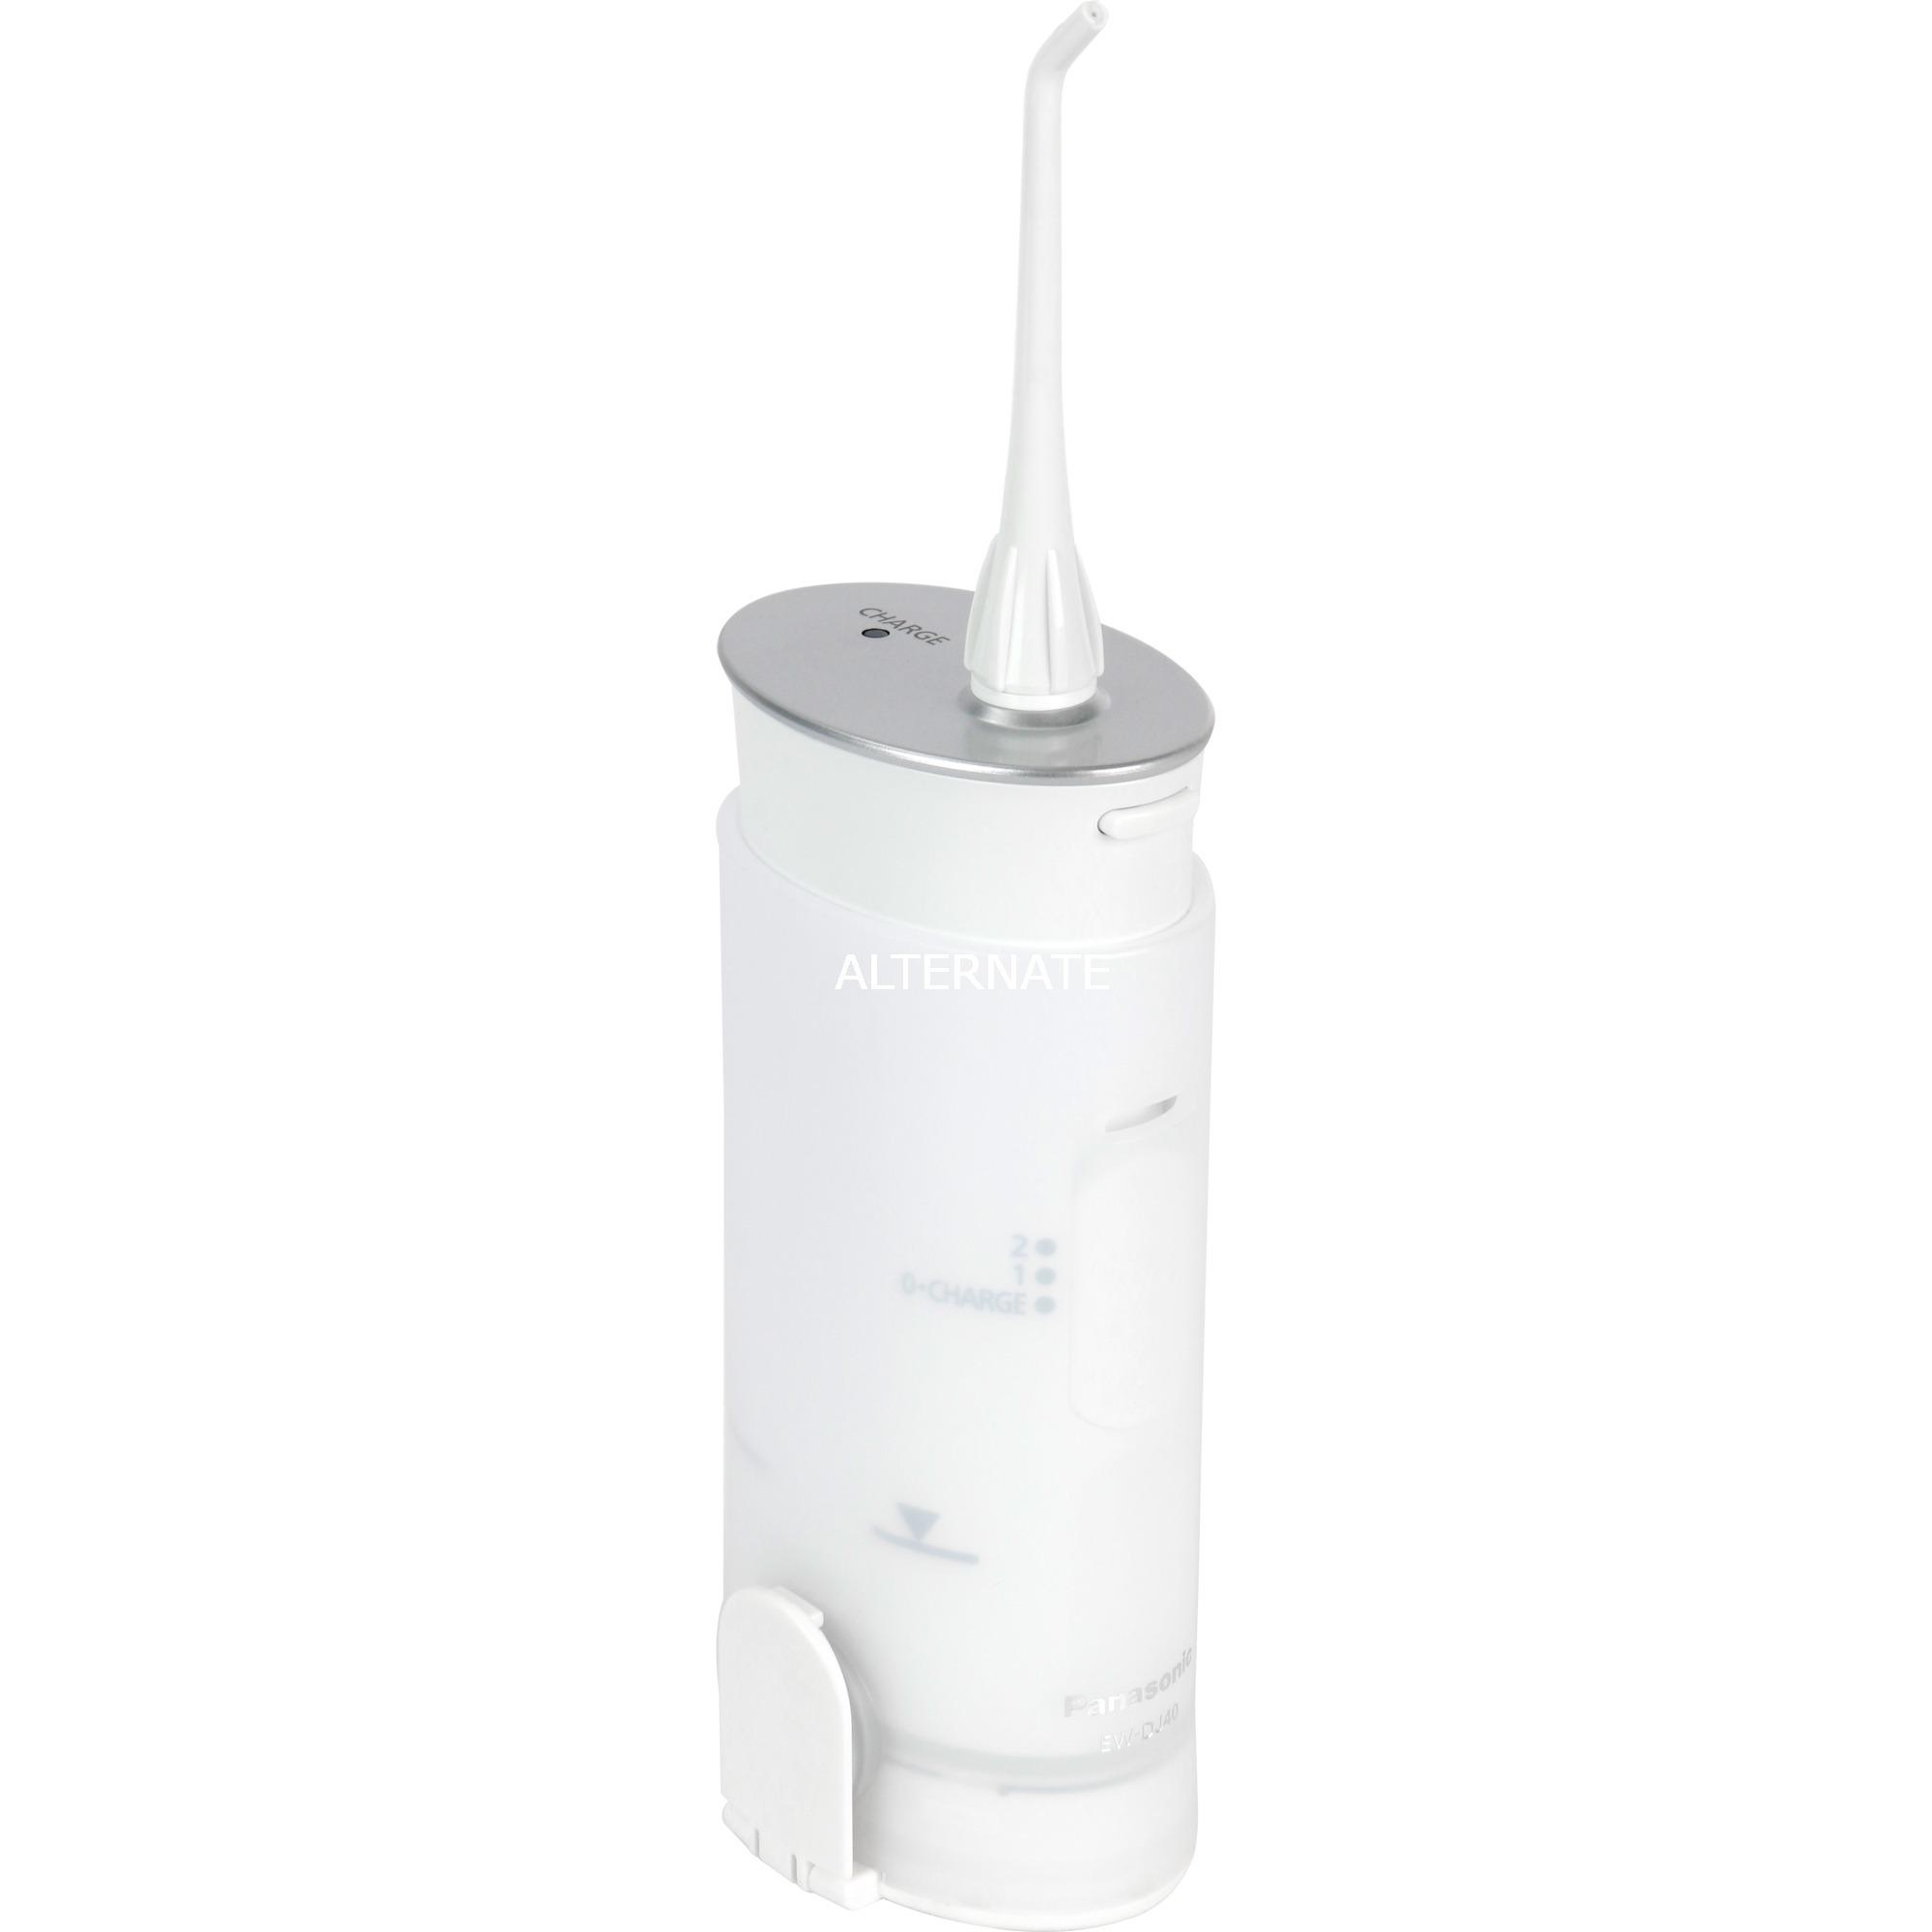 EW-DJ40 irrigador oral 0,165 L, Limpieza bucal